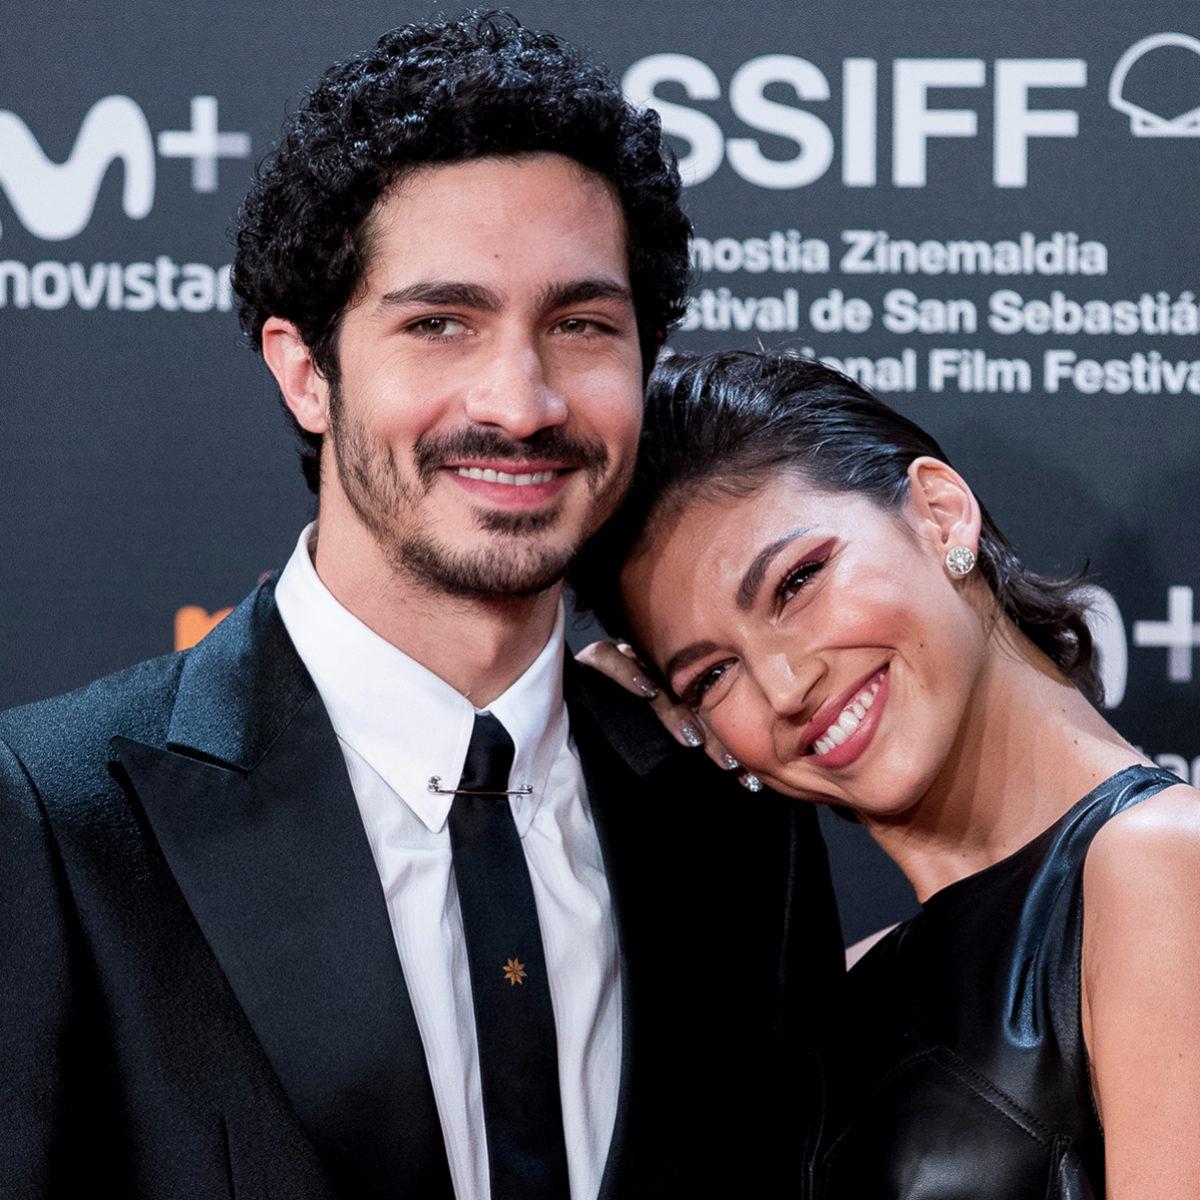 Úrsula Corberó y su novio, el actor argentino Chino Darín.